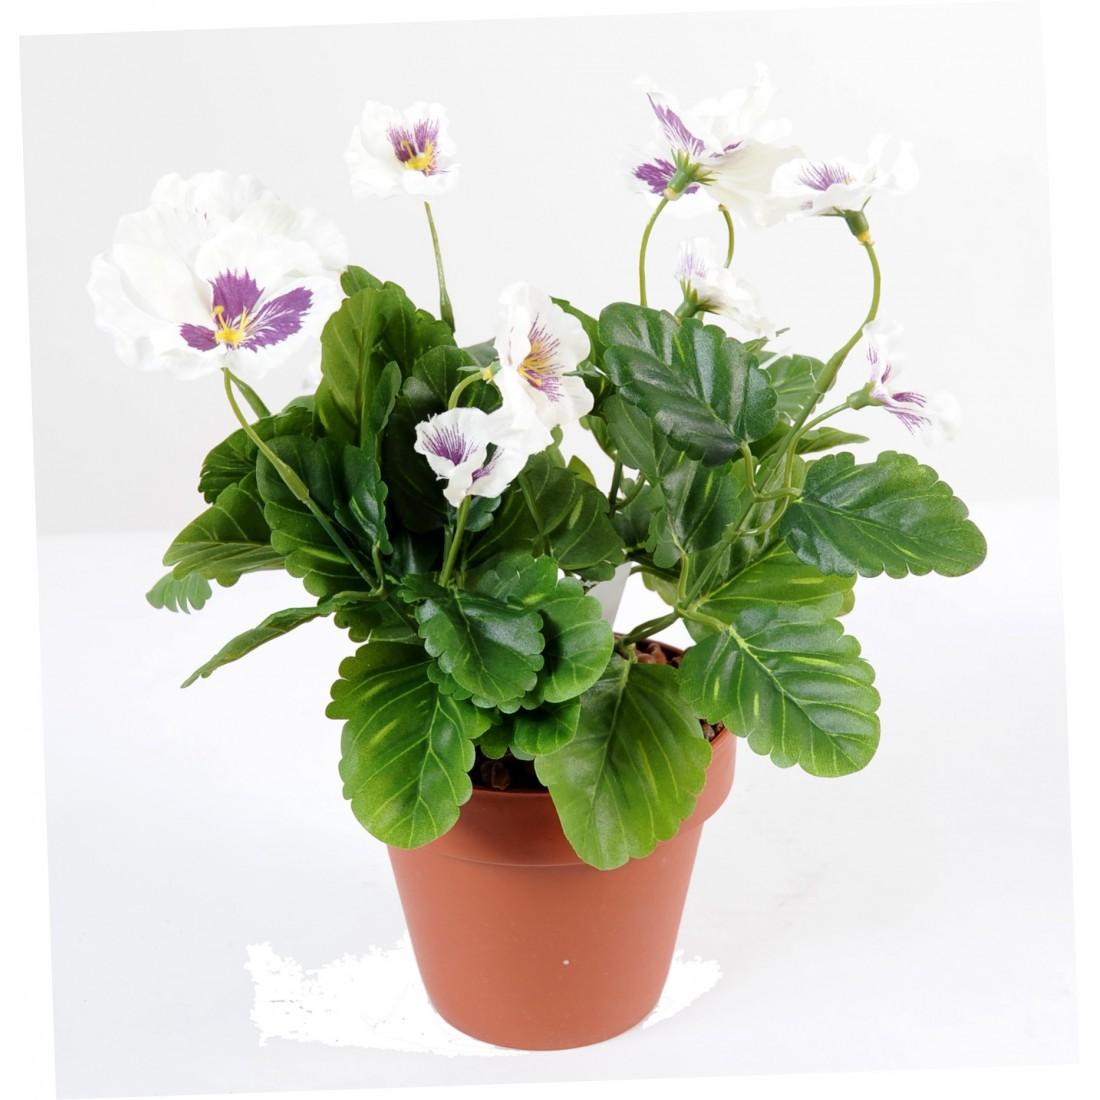 Pens e pm 29cm plantes artificielles plantes fleuries for Plantes artificielles lyon